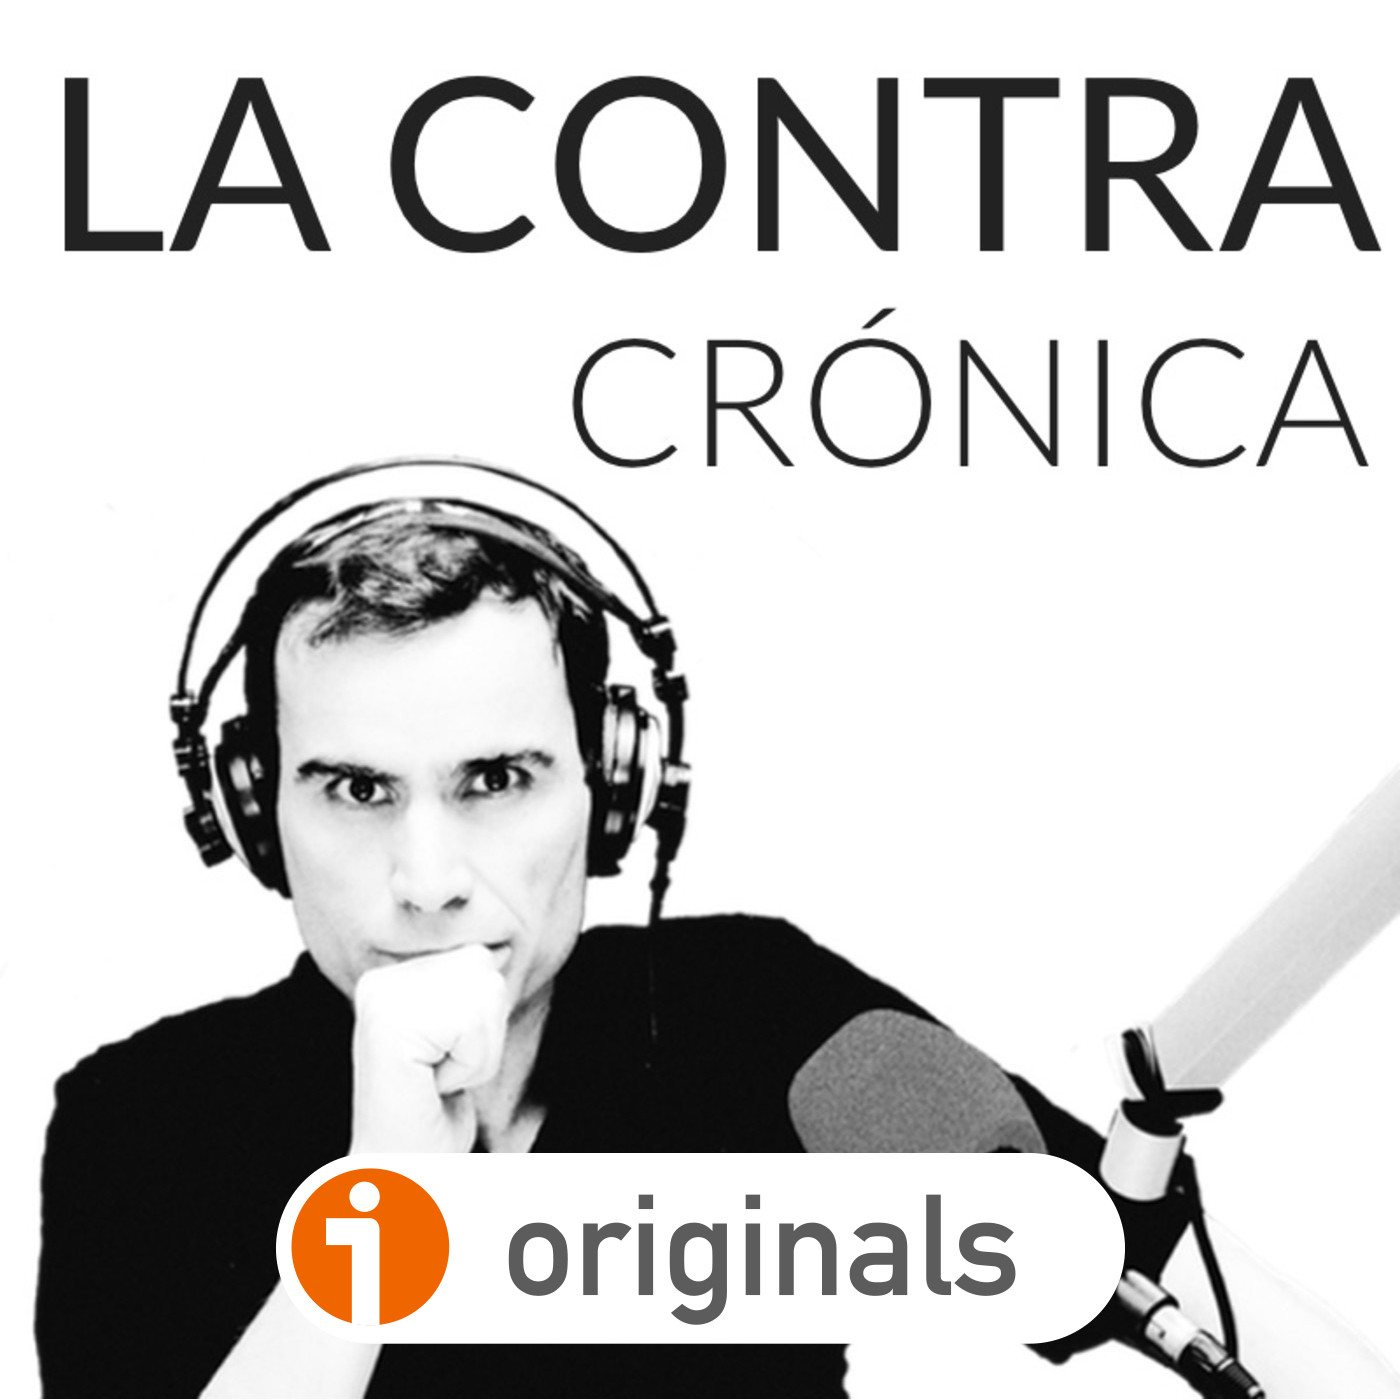 La ContraCrónica